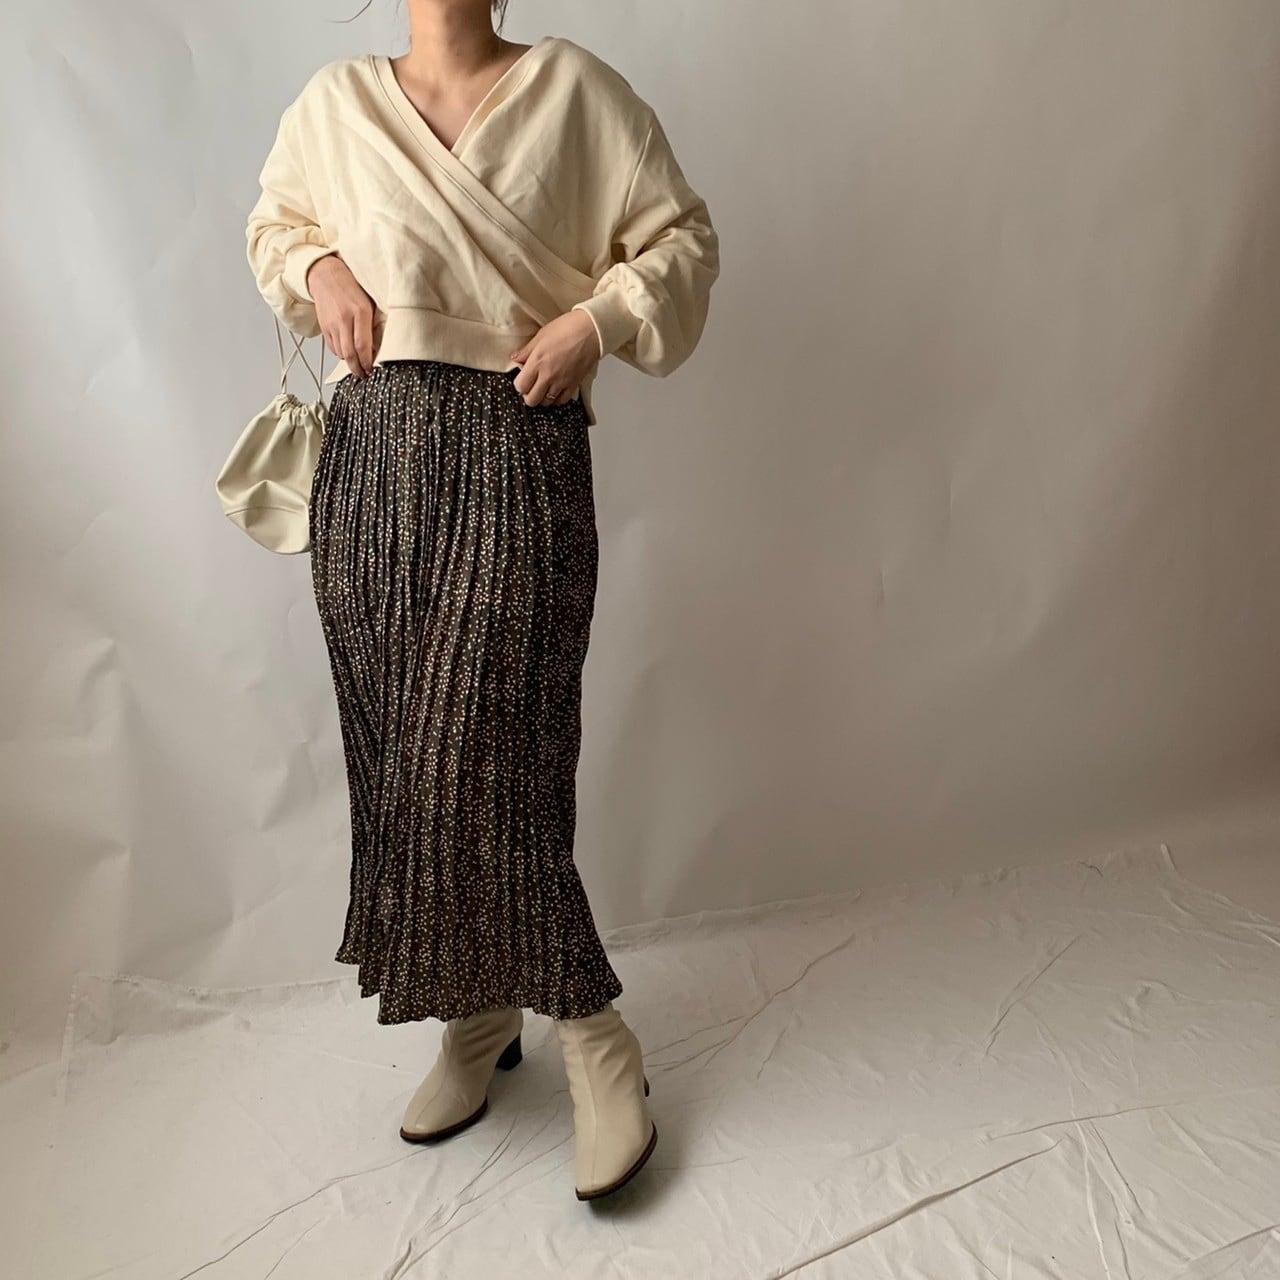 【asyu】rétro pleats skirt